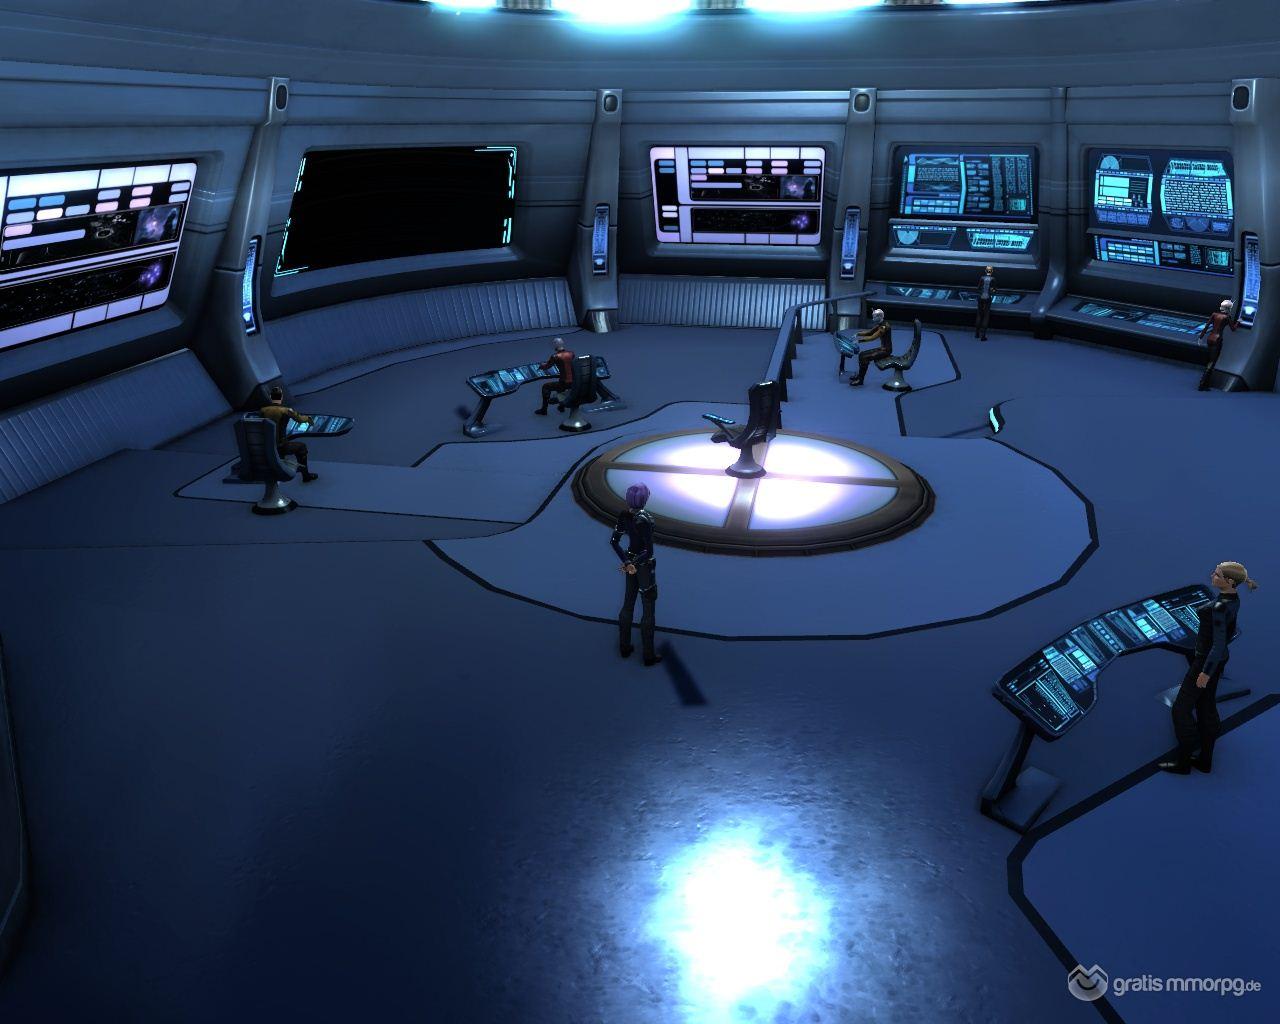 Klicke auf die Grafik für eine größere AnsichtName:Star Trek Online (2).jpgHits:176Größe:131,6 KBID:4463